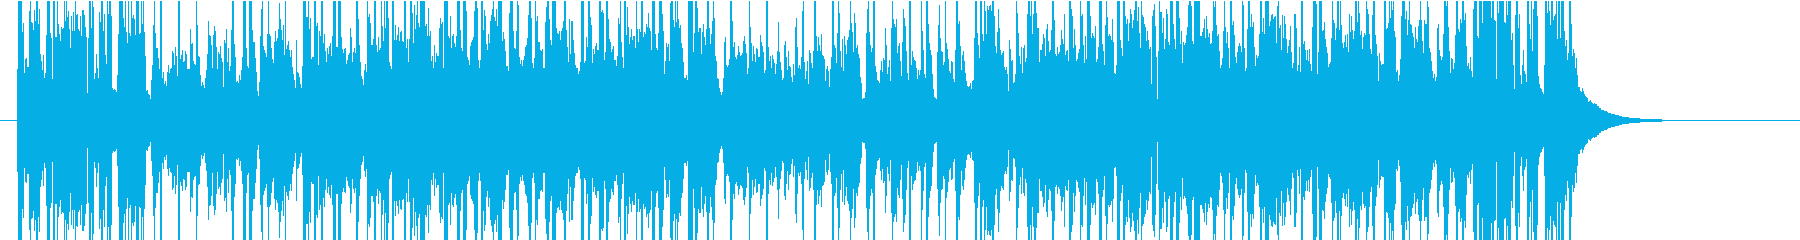 はかたソングの再生済みの波形